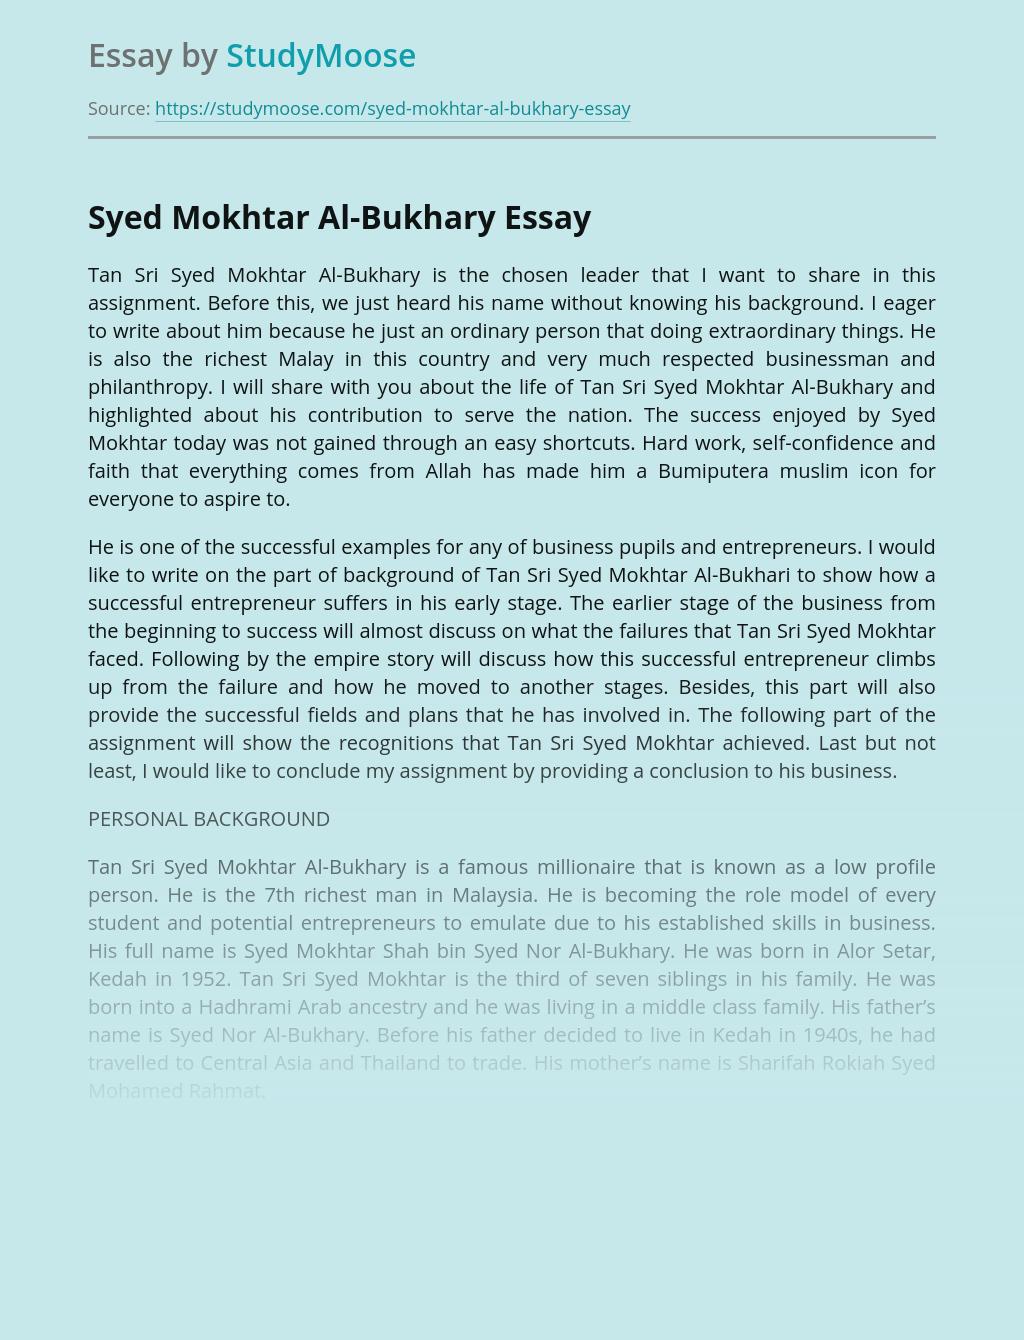 Syed Mokhtar Al-Bukhary